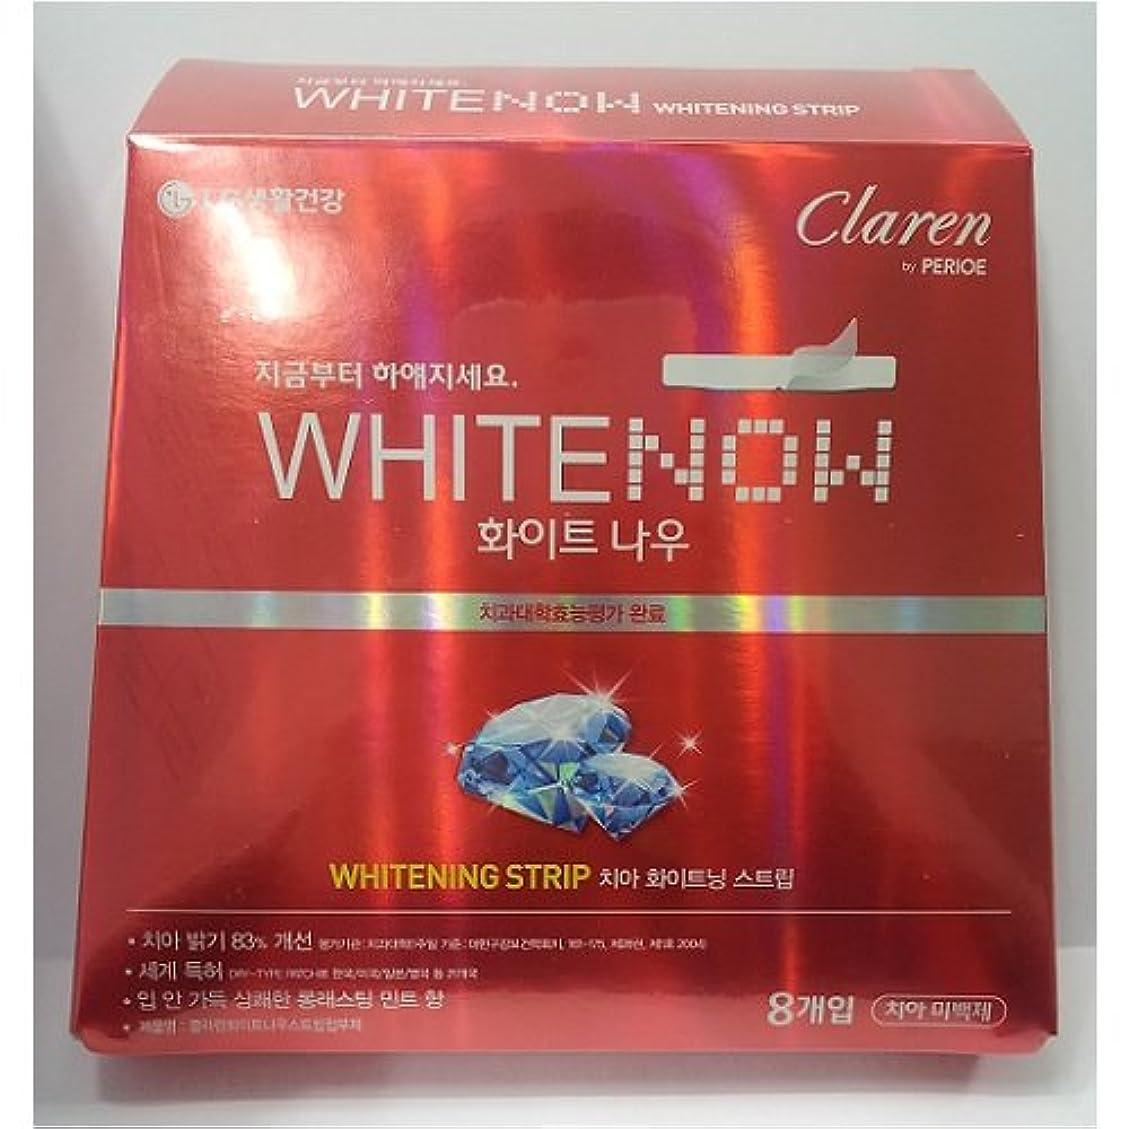 蒸気コンピューターを使用する異邦人LG生活健康 [LG Care] ホワイトナウ ホワイトニン.グ ストリップ(8枚入り) / White Now Whitening Strip ★歯ビハクステッカー★ [並行輸入品]